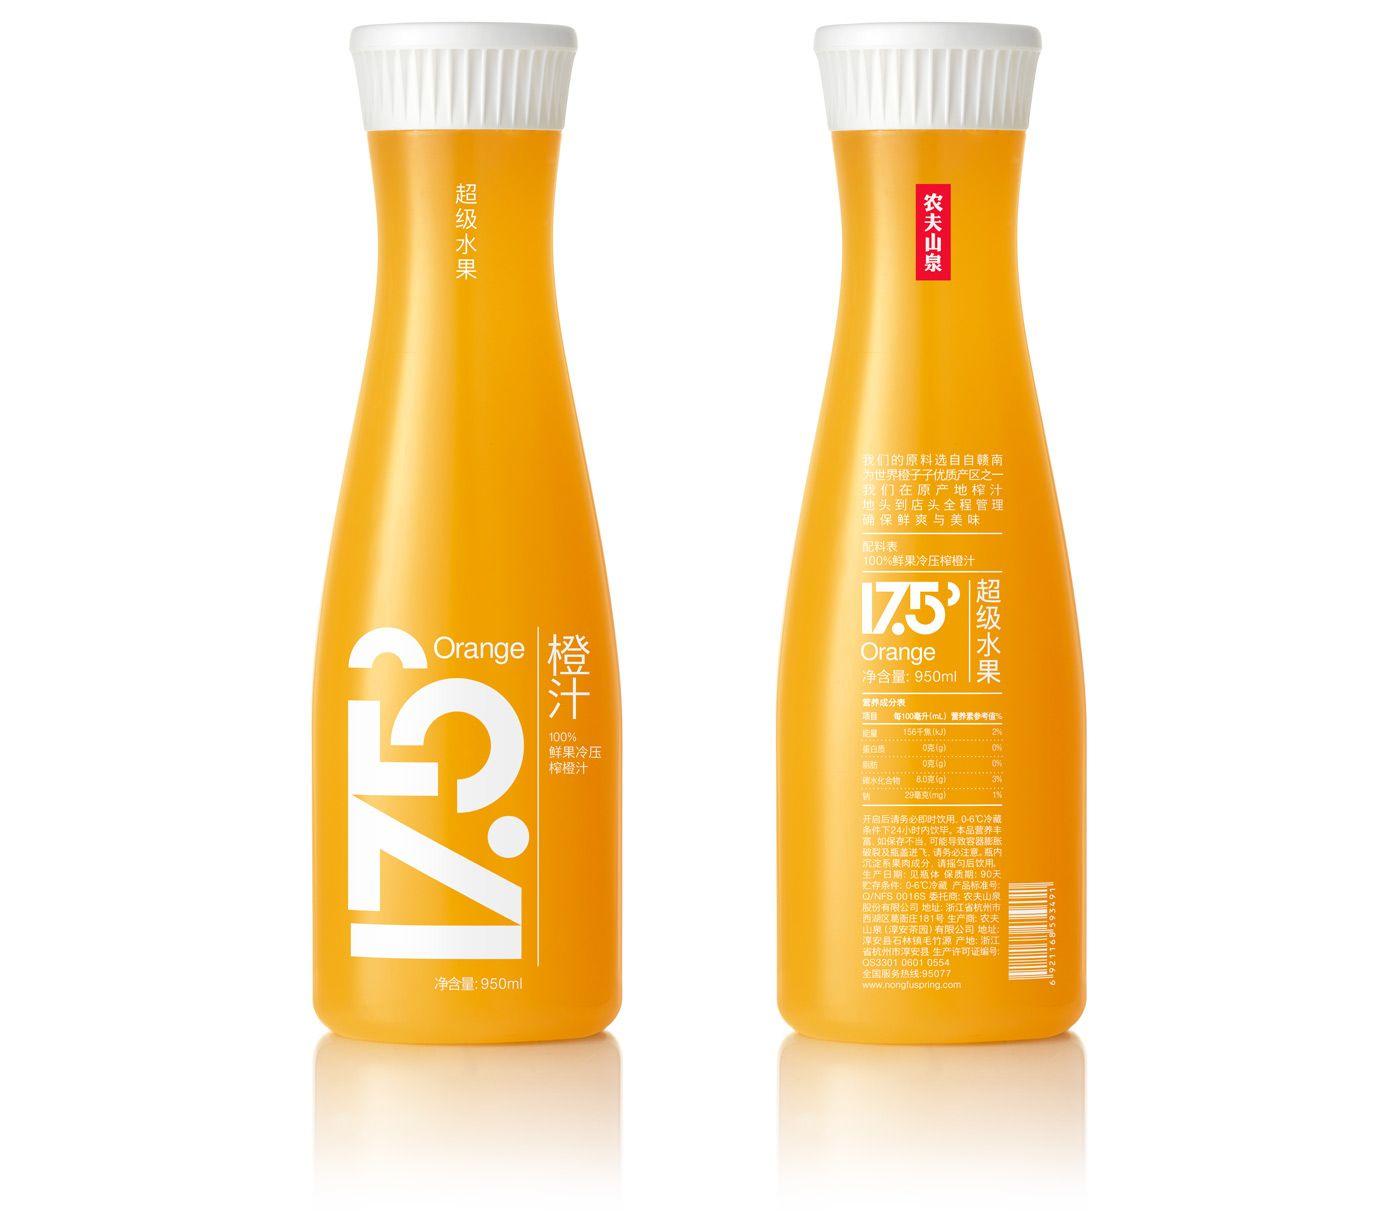 17.5 Juice — The Dieline - Branding & Packaging